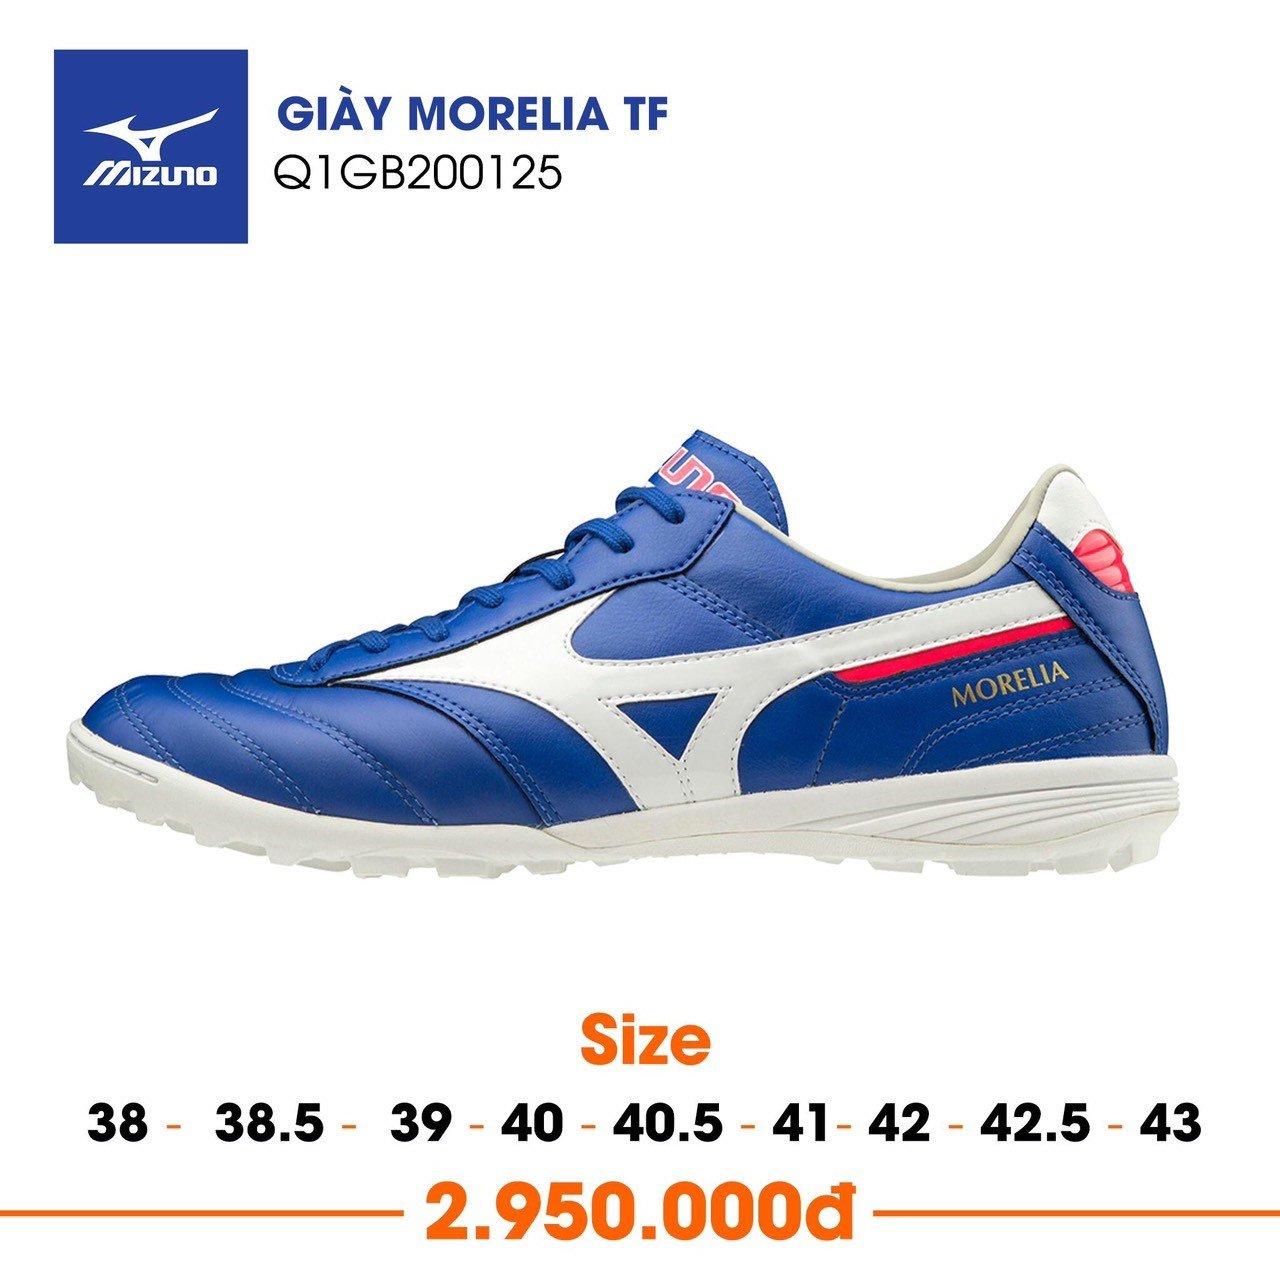 Morelia TF là mẫu giày cỏ nhân tạo cao cấp nhất của Mizuno với cấu tạo bằng da tự nhiên Kagaroo nguyên khối.